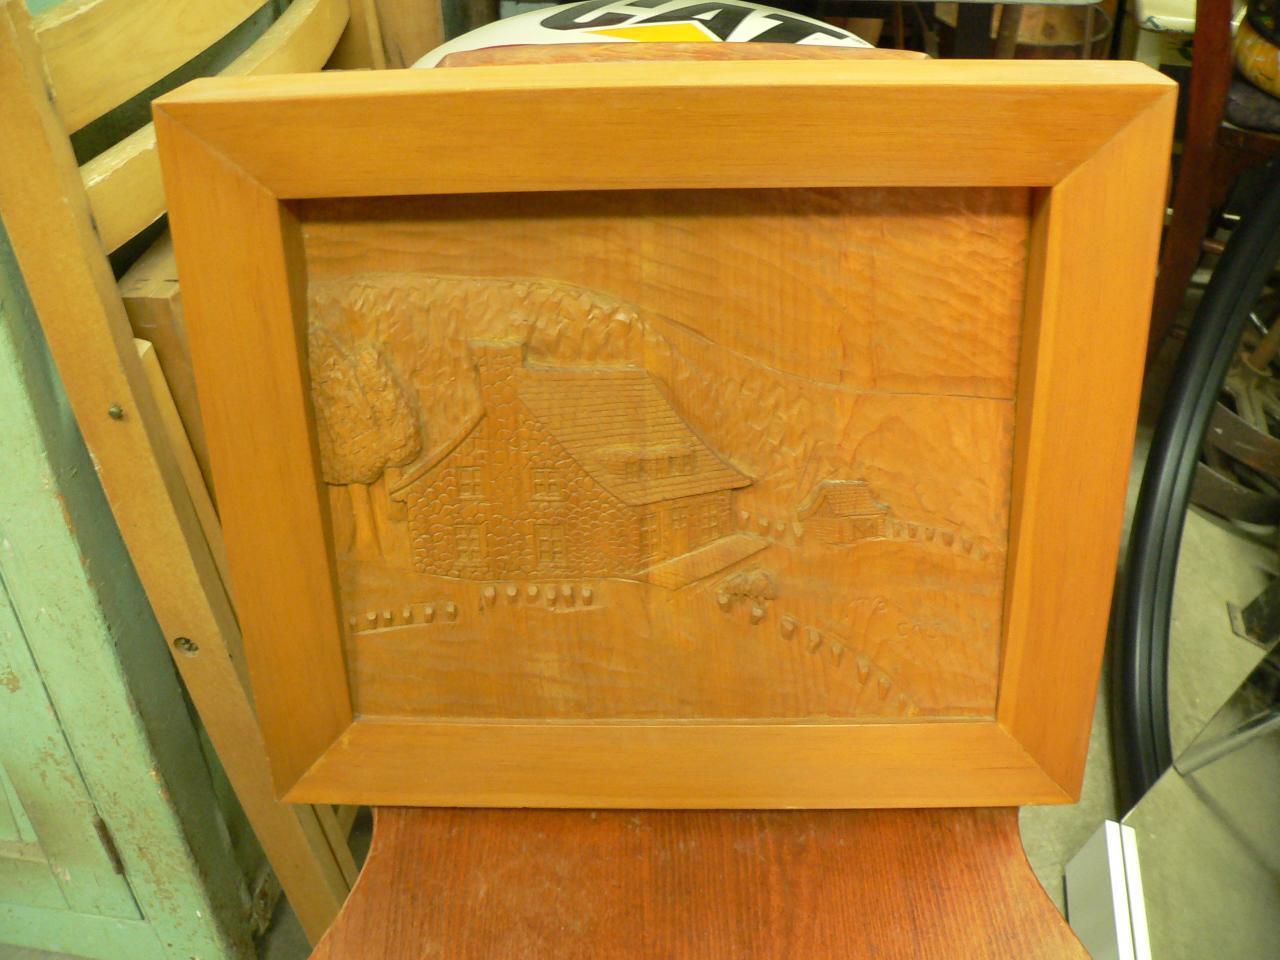 Cadre en bois # 3158